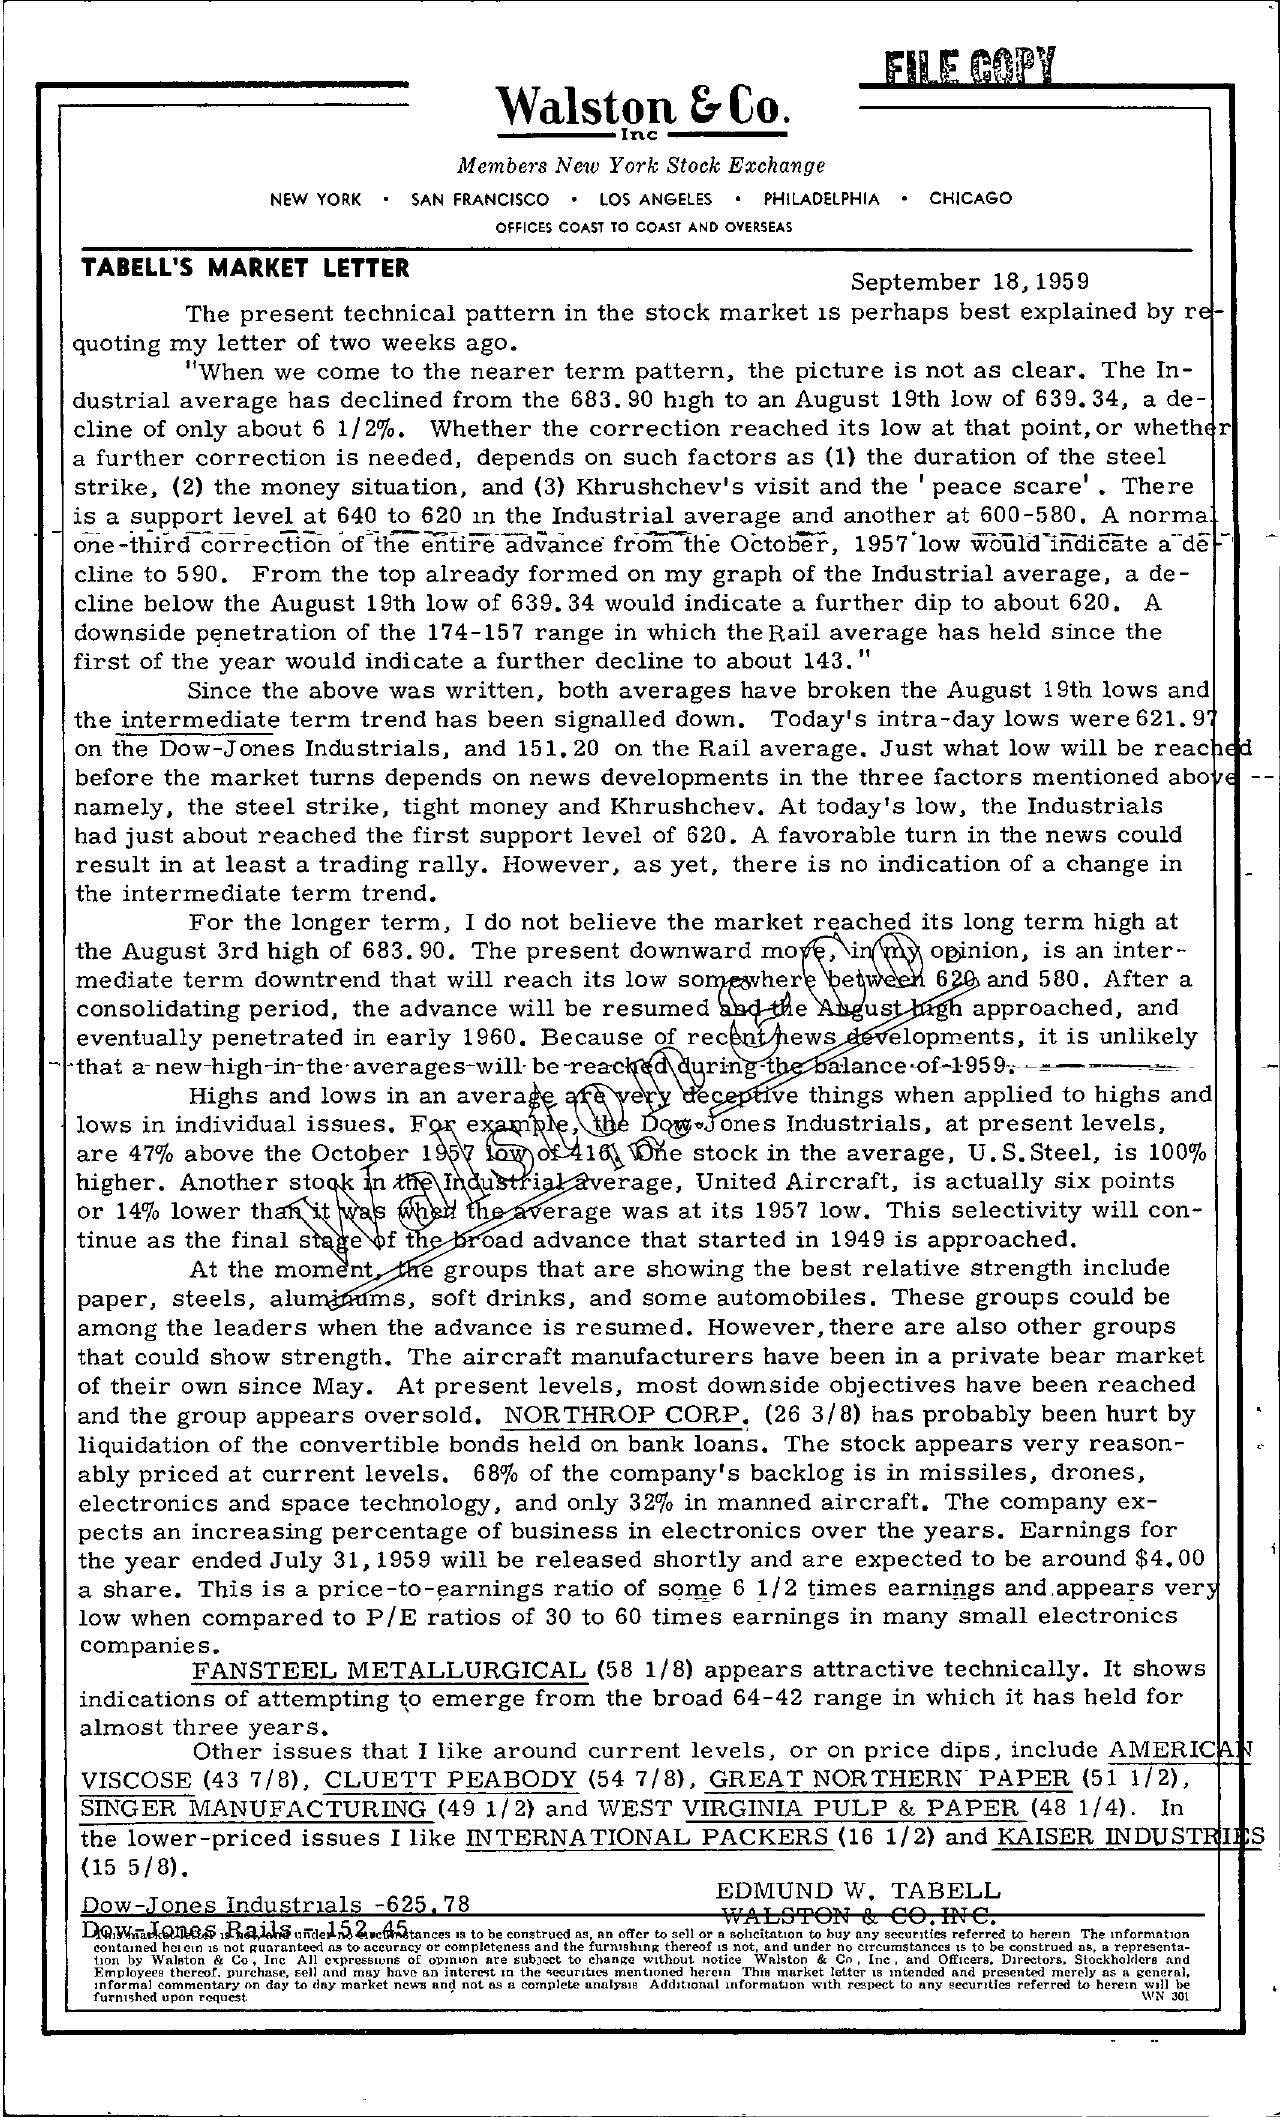 Tabell's Market Letter - September 18, 1959